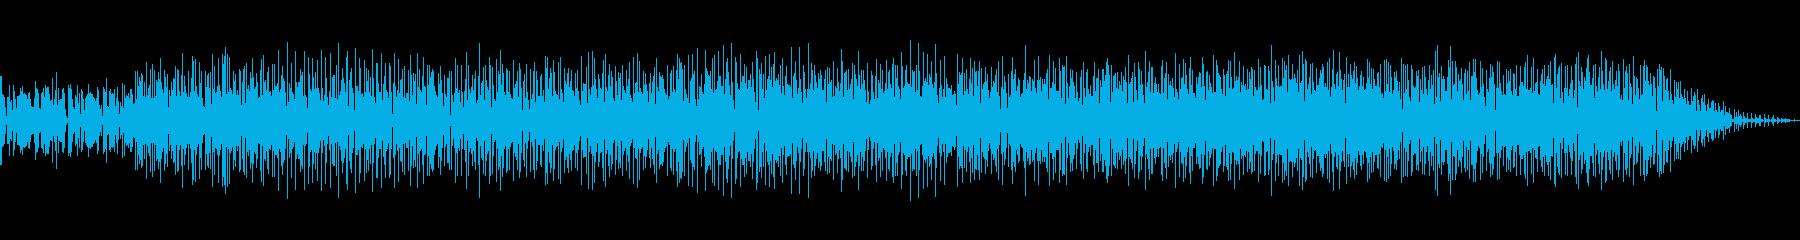 おしゃれなレゲエポップスの再生済みの波形